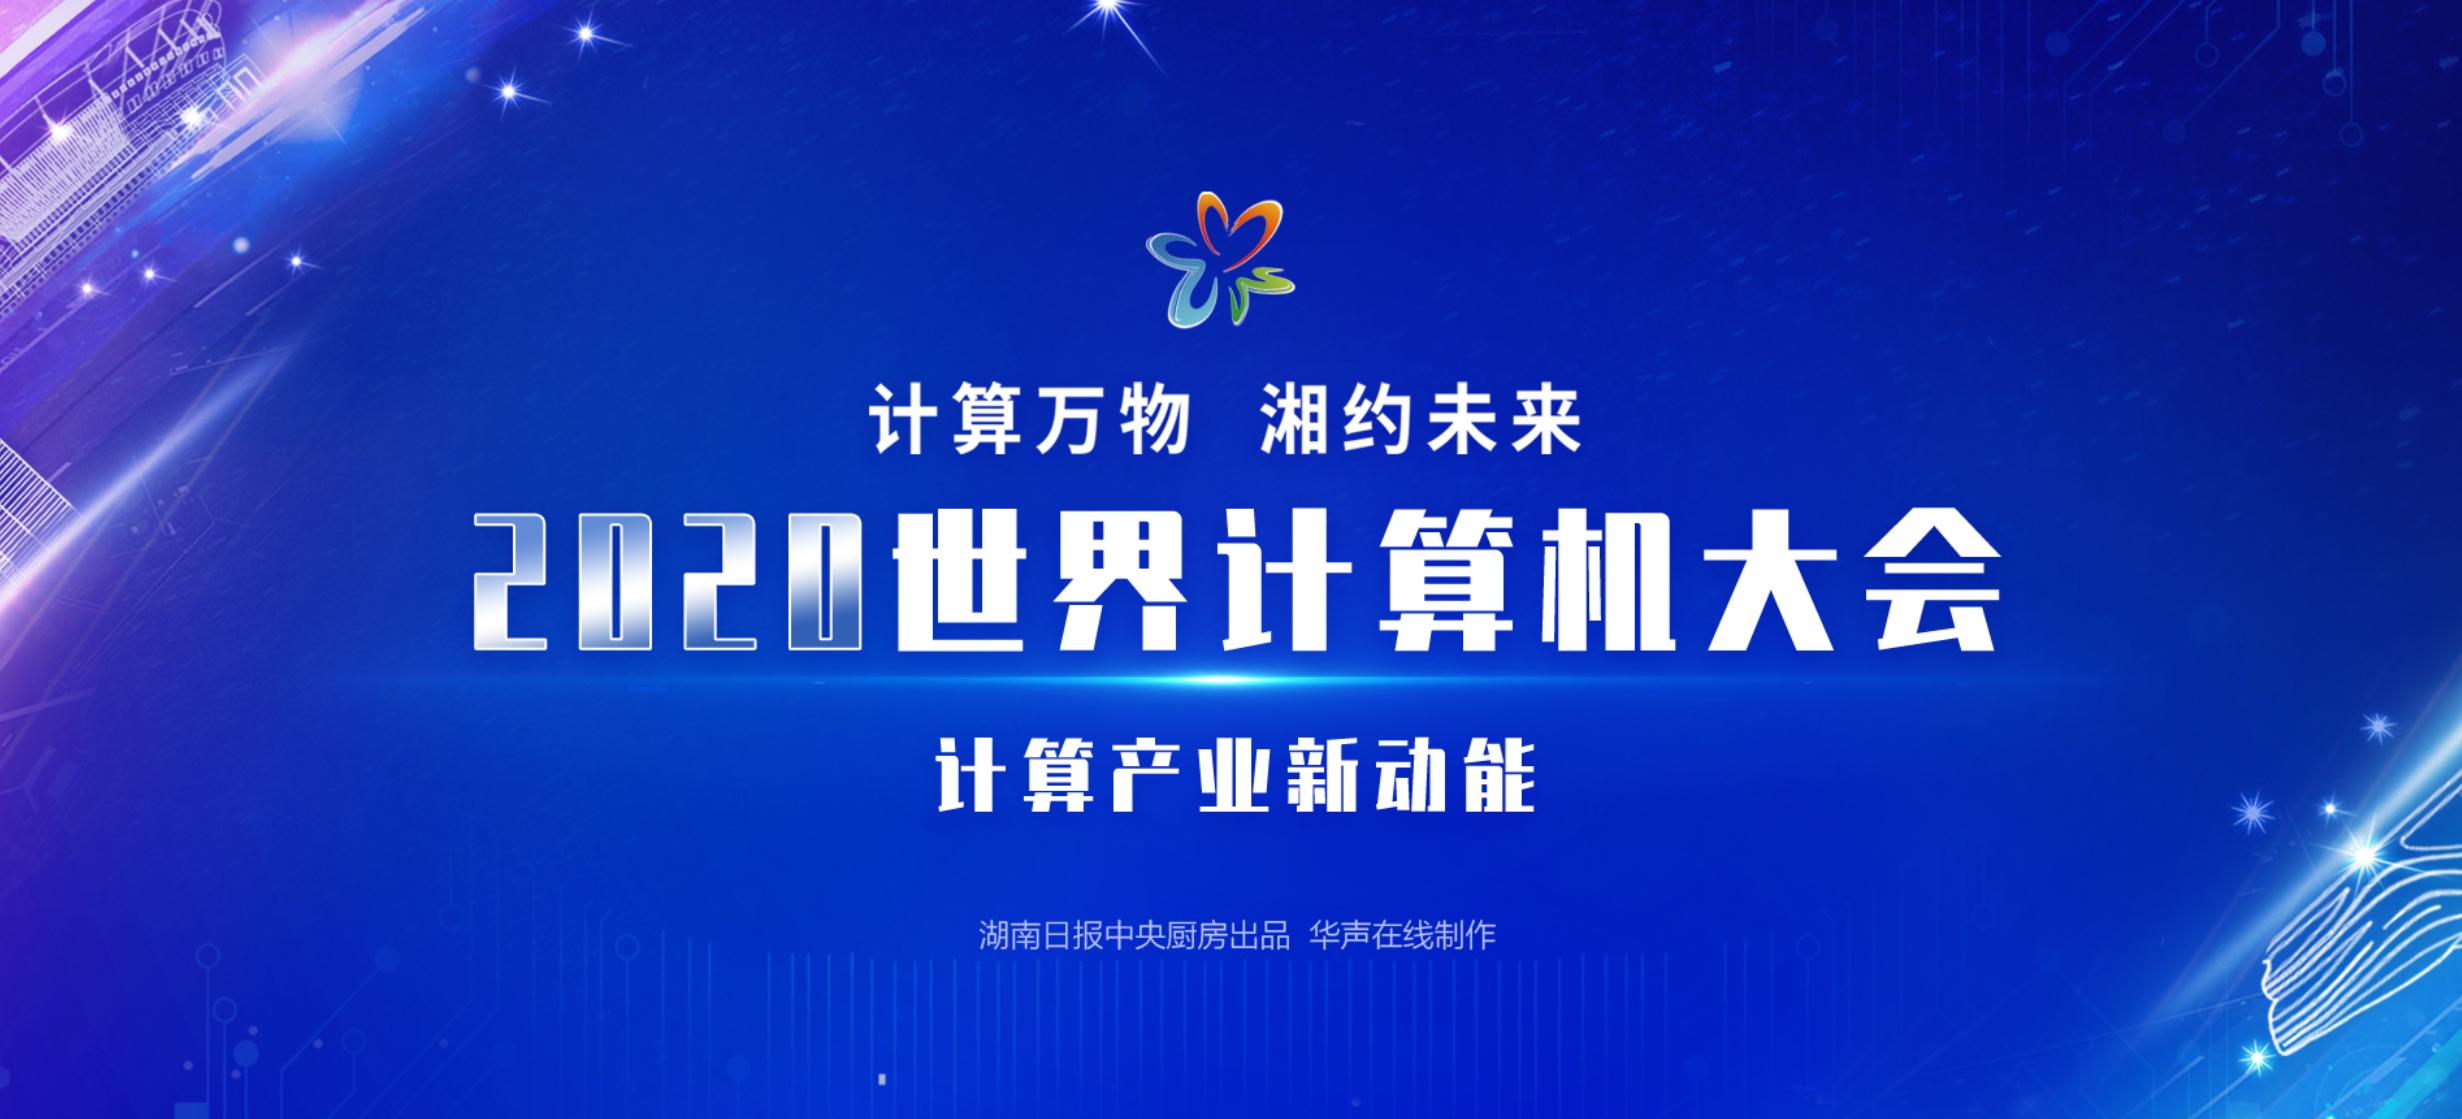 """【专题】""""计算万物·湘约未来""""2020年世界计算机大会"""